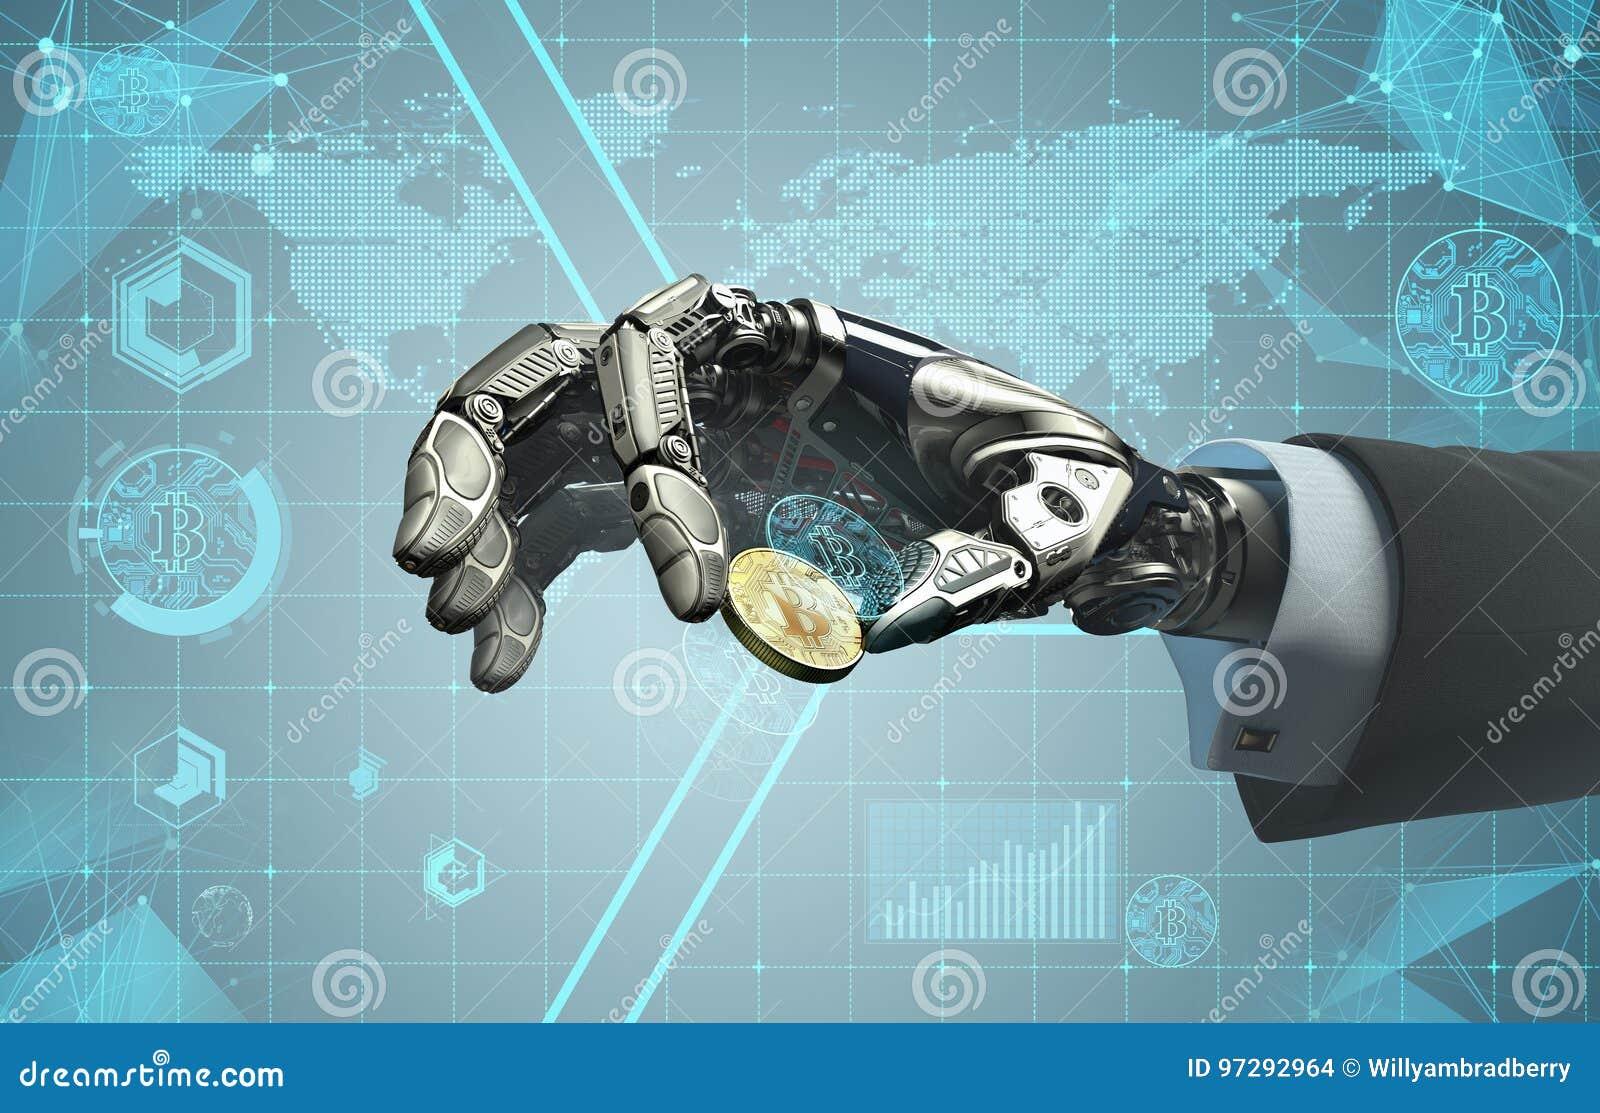 bitcoin commercio robot